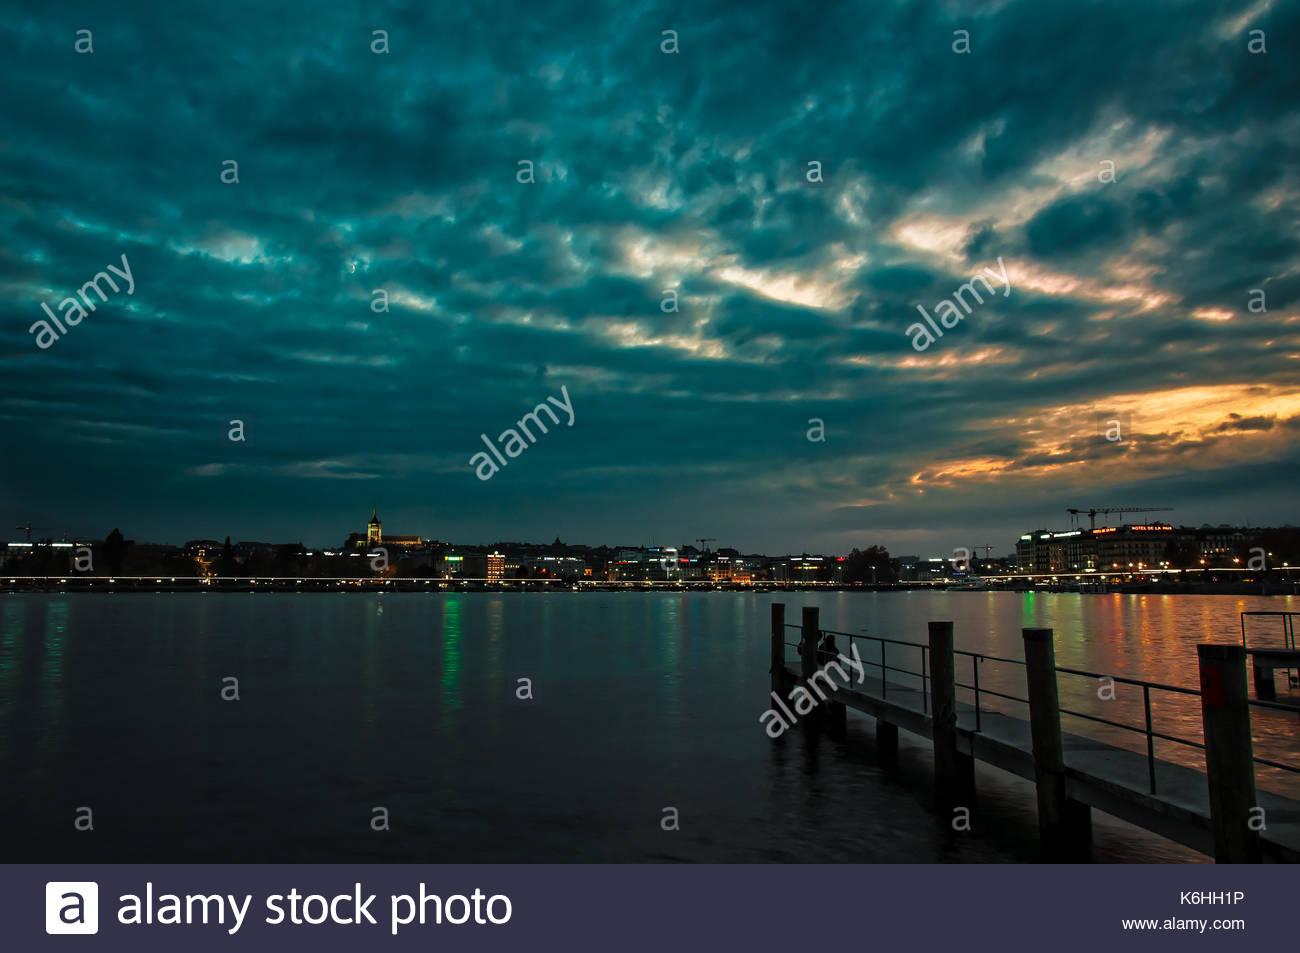 Geneva - Switzerland Geneve - Suisse  Lueurs du soir et coucher de soleil sur Geneve, le long du lac Léman. Photo prise il y a deux ans.  Lights of th - Stock Image